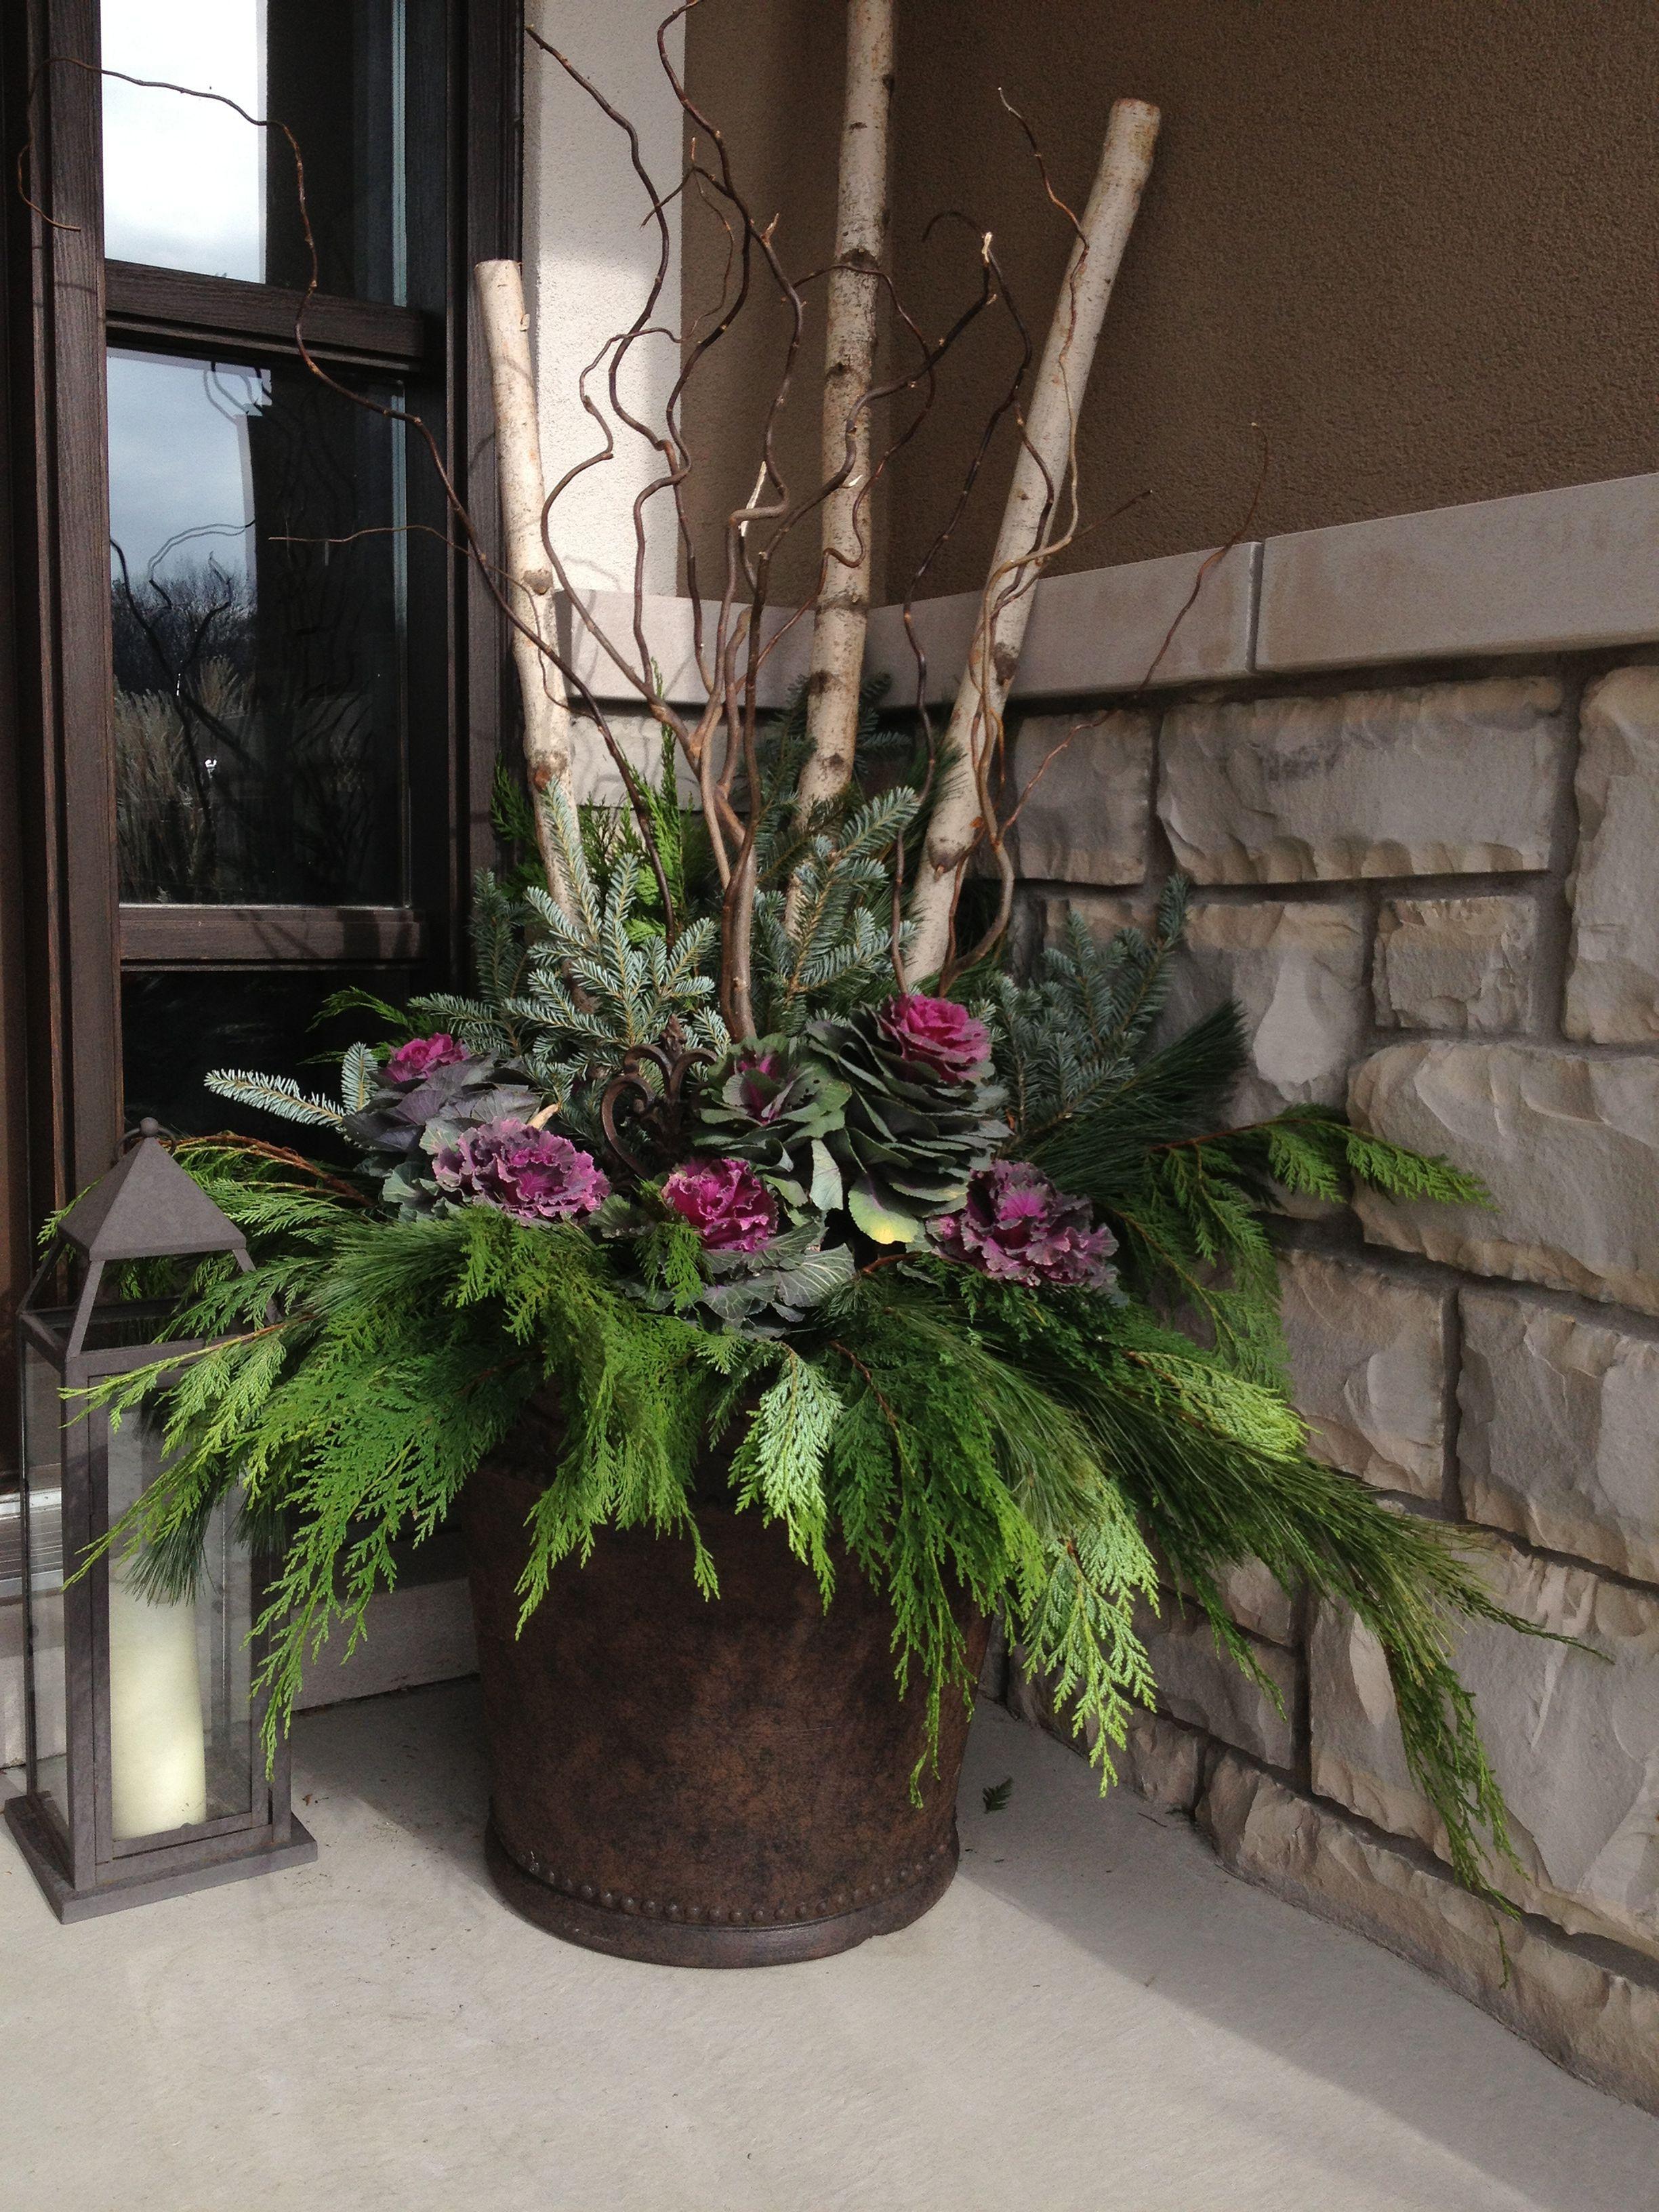 Best ideas about Front Porch Planter Ideas . Save or Pin Front Porch Flower Planter Ideas 36 Front Porch Flower Now.